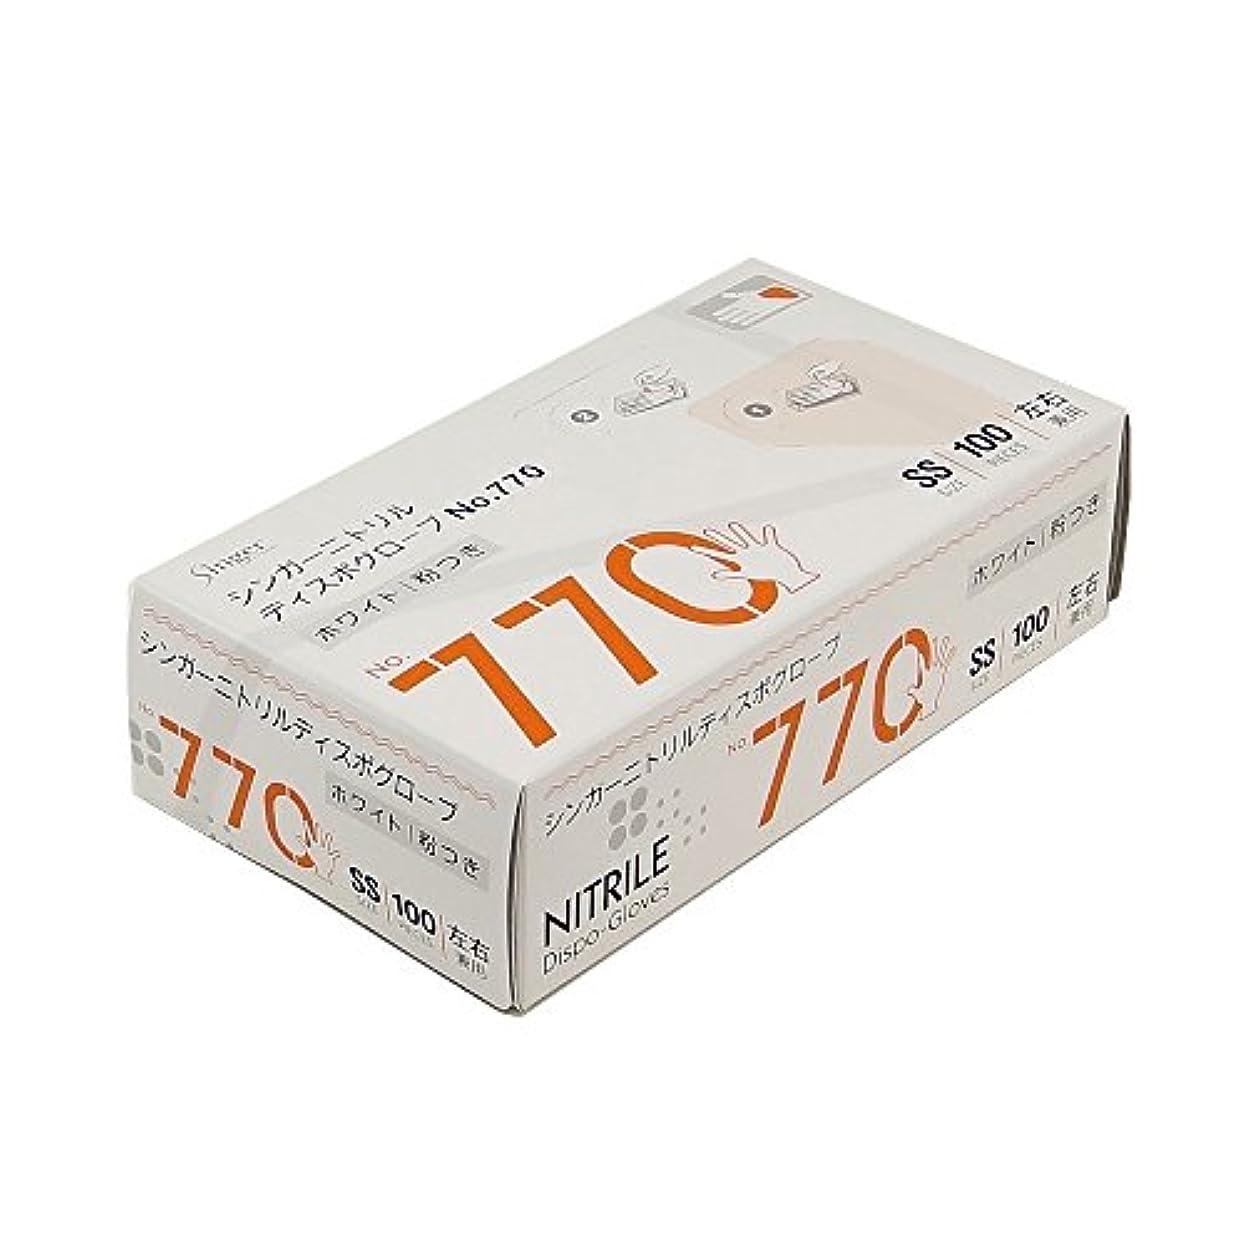 懸念和解するかわいらしい宇都宮製作 ディスポ手袋 シンガーニトリルディスポグローブ No.770 ホワイト 粉付 100枚入  SS